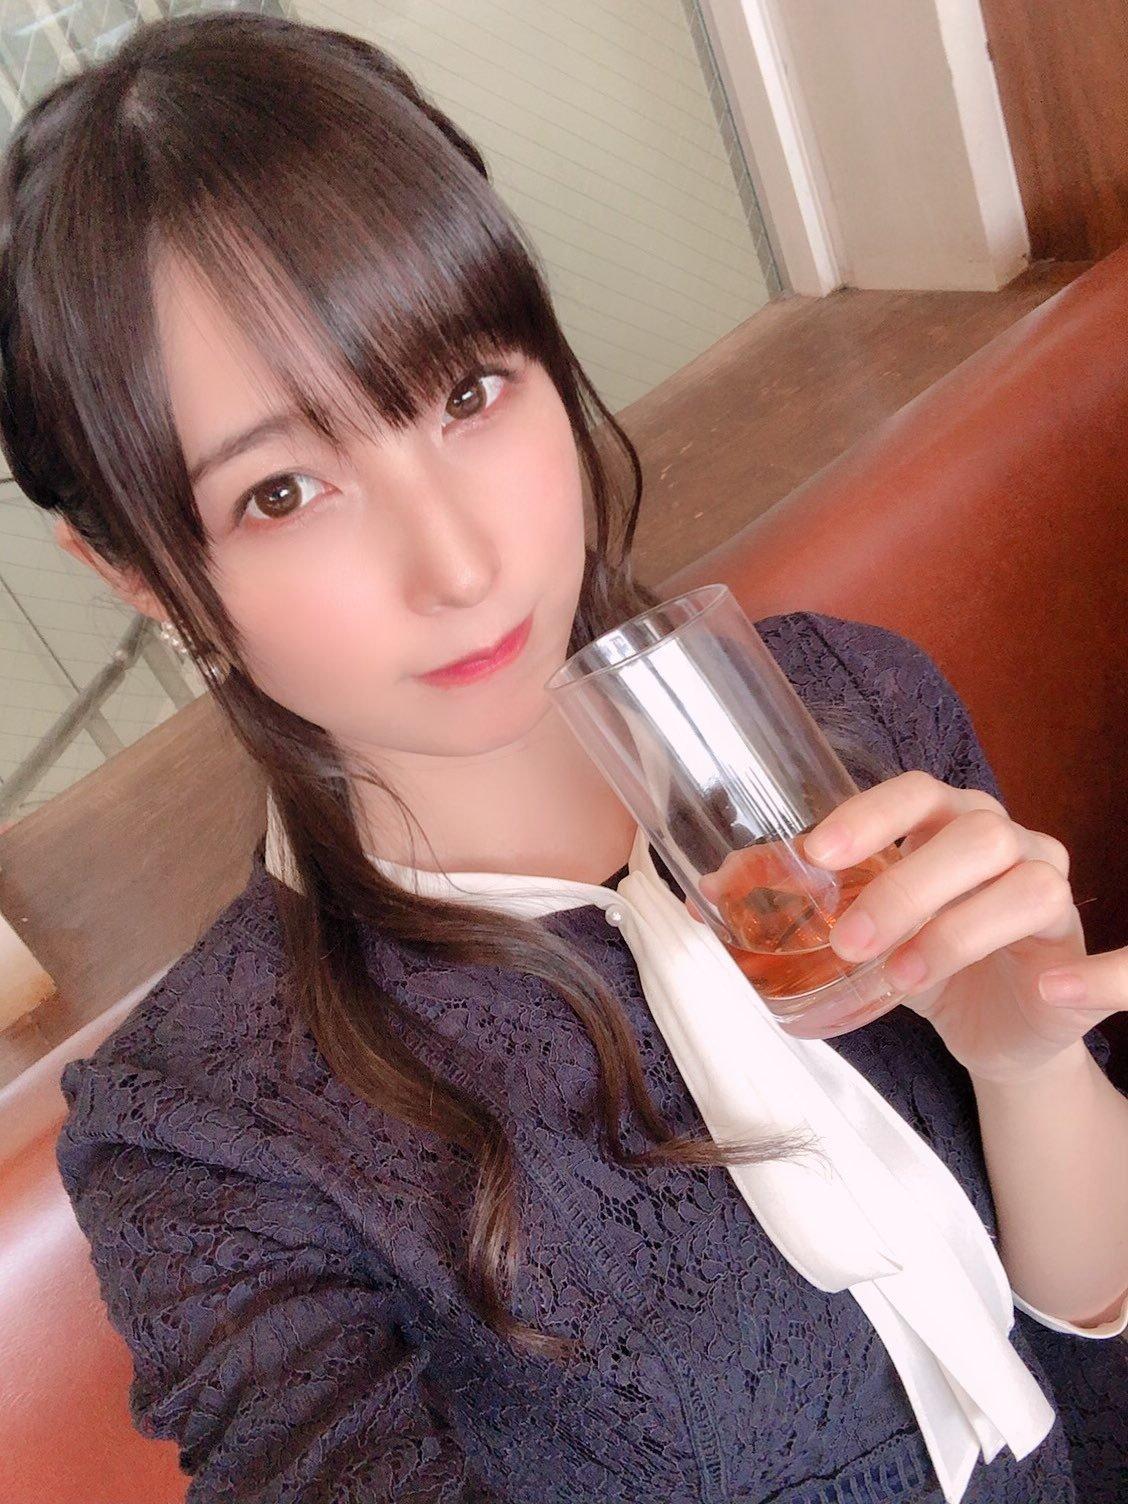 kawasaki__aya 1233696326157619202_p1